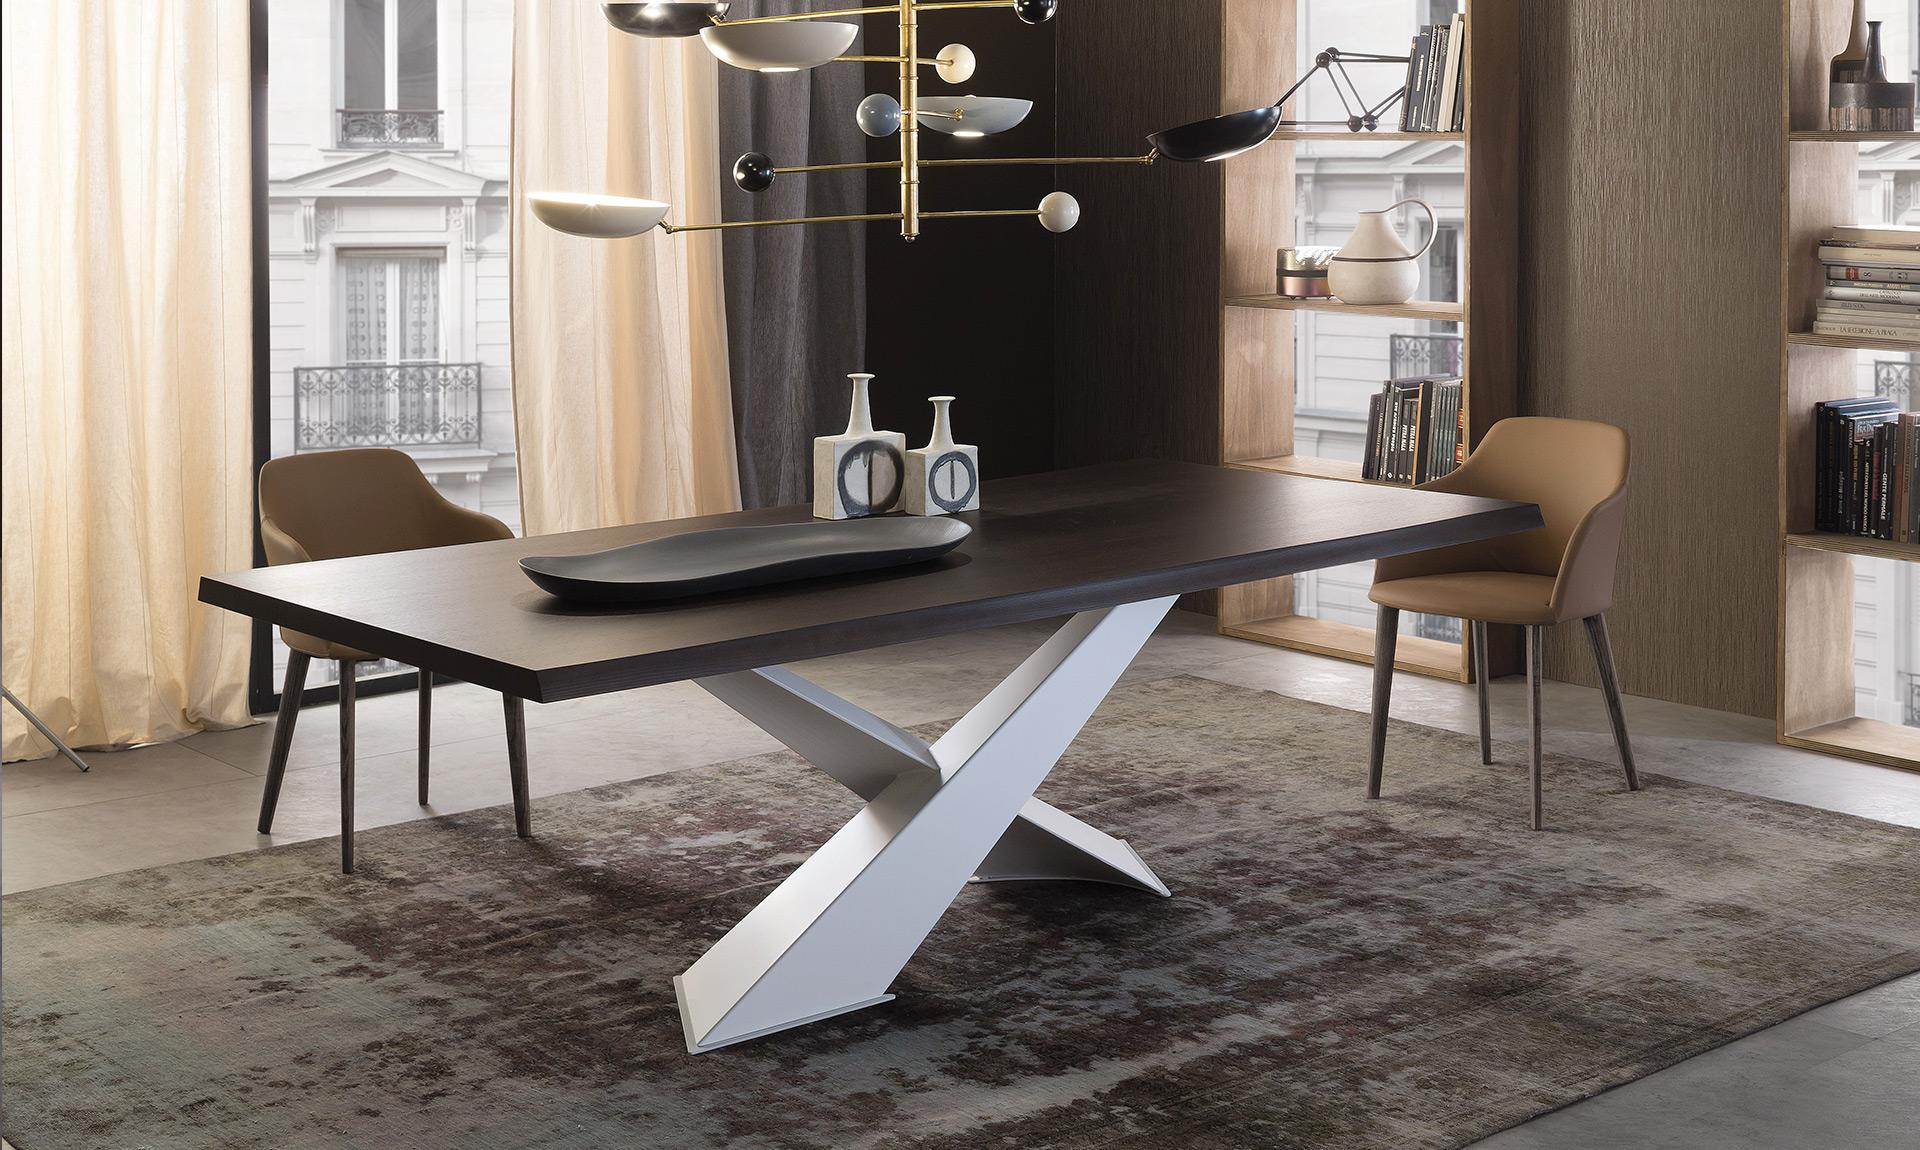 Table Riflessi Living avec pied acier blanc et plateau chêne peint noir